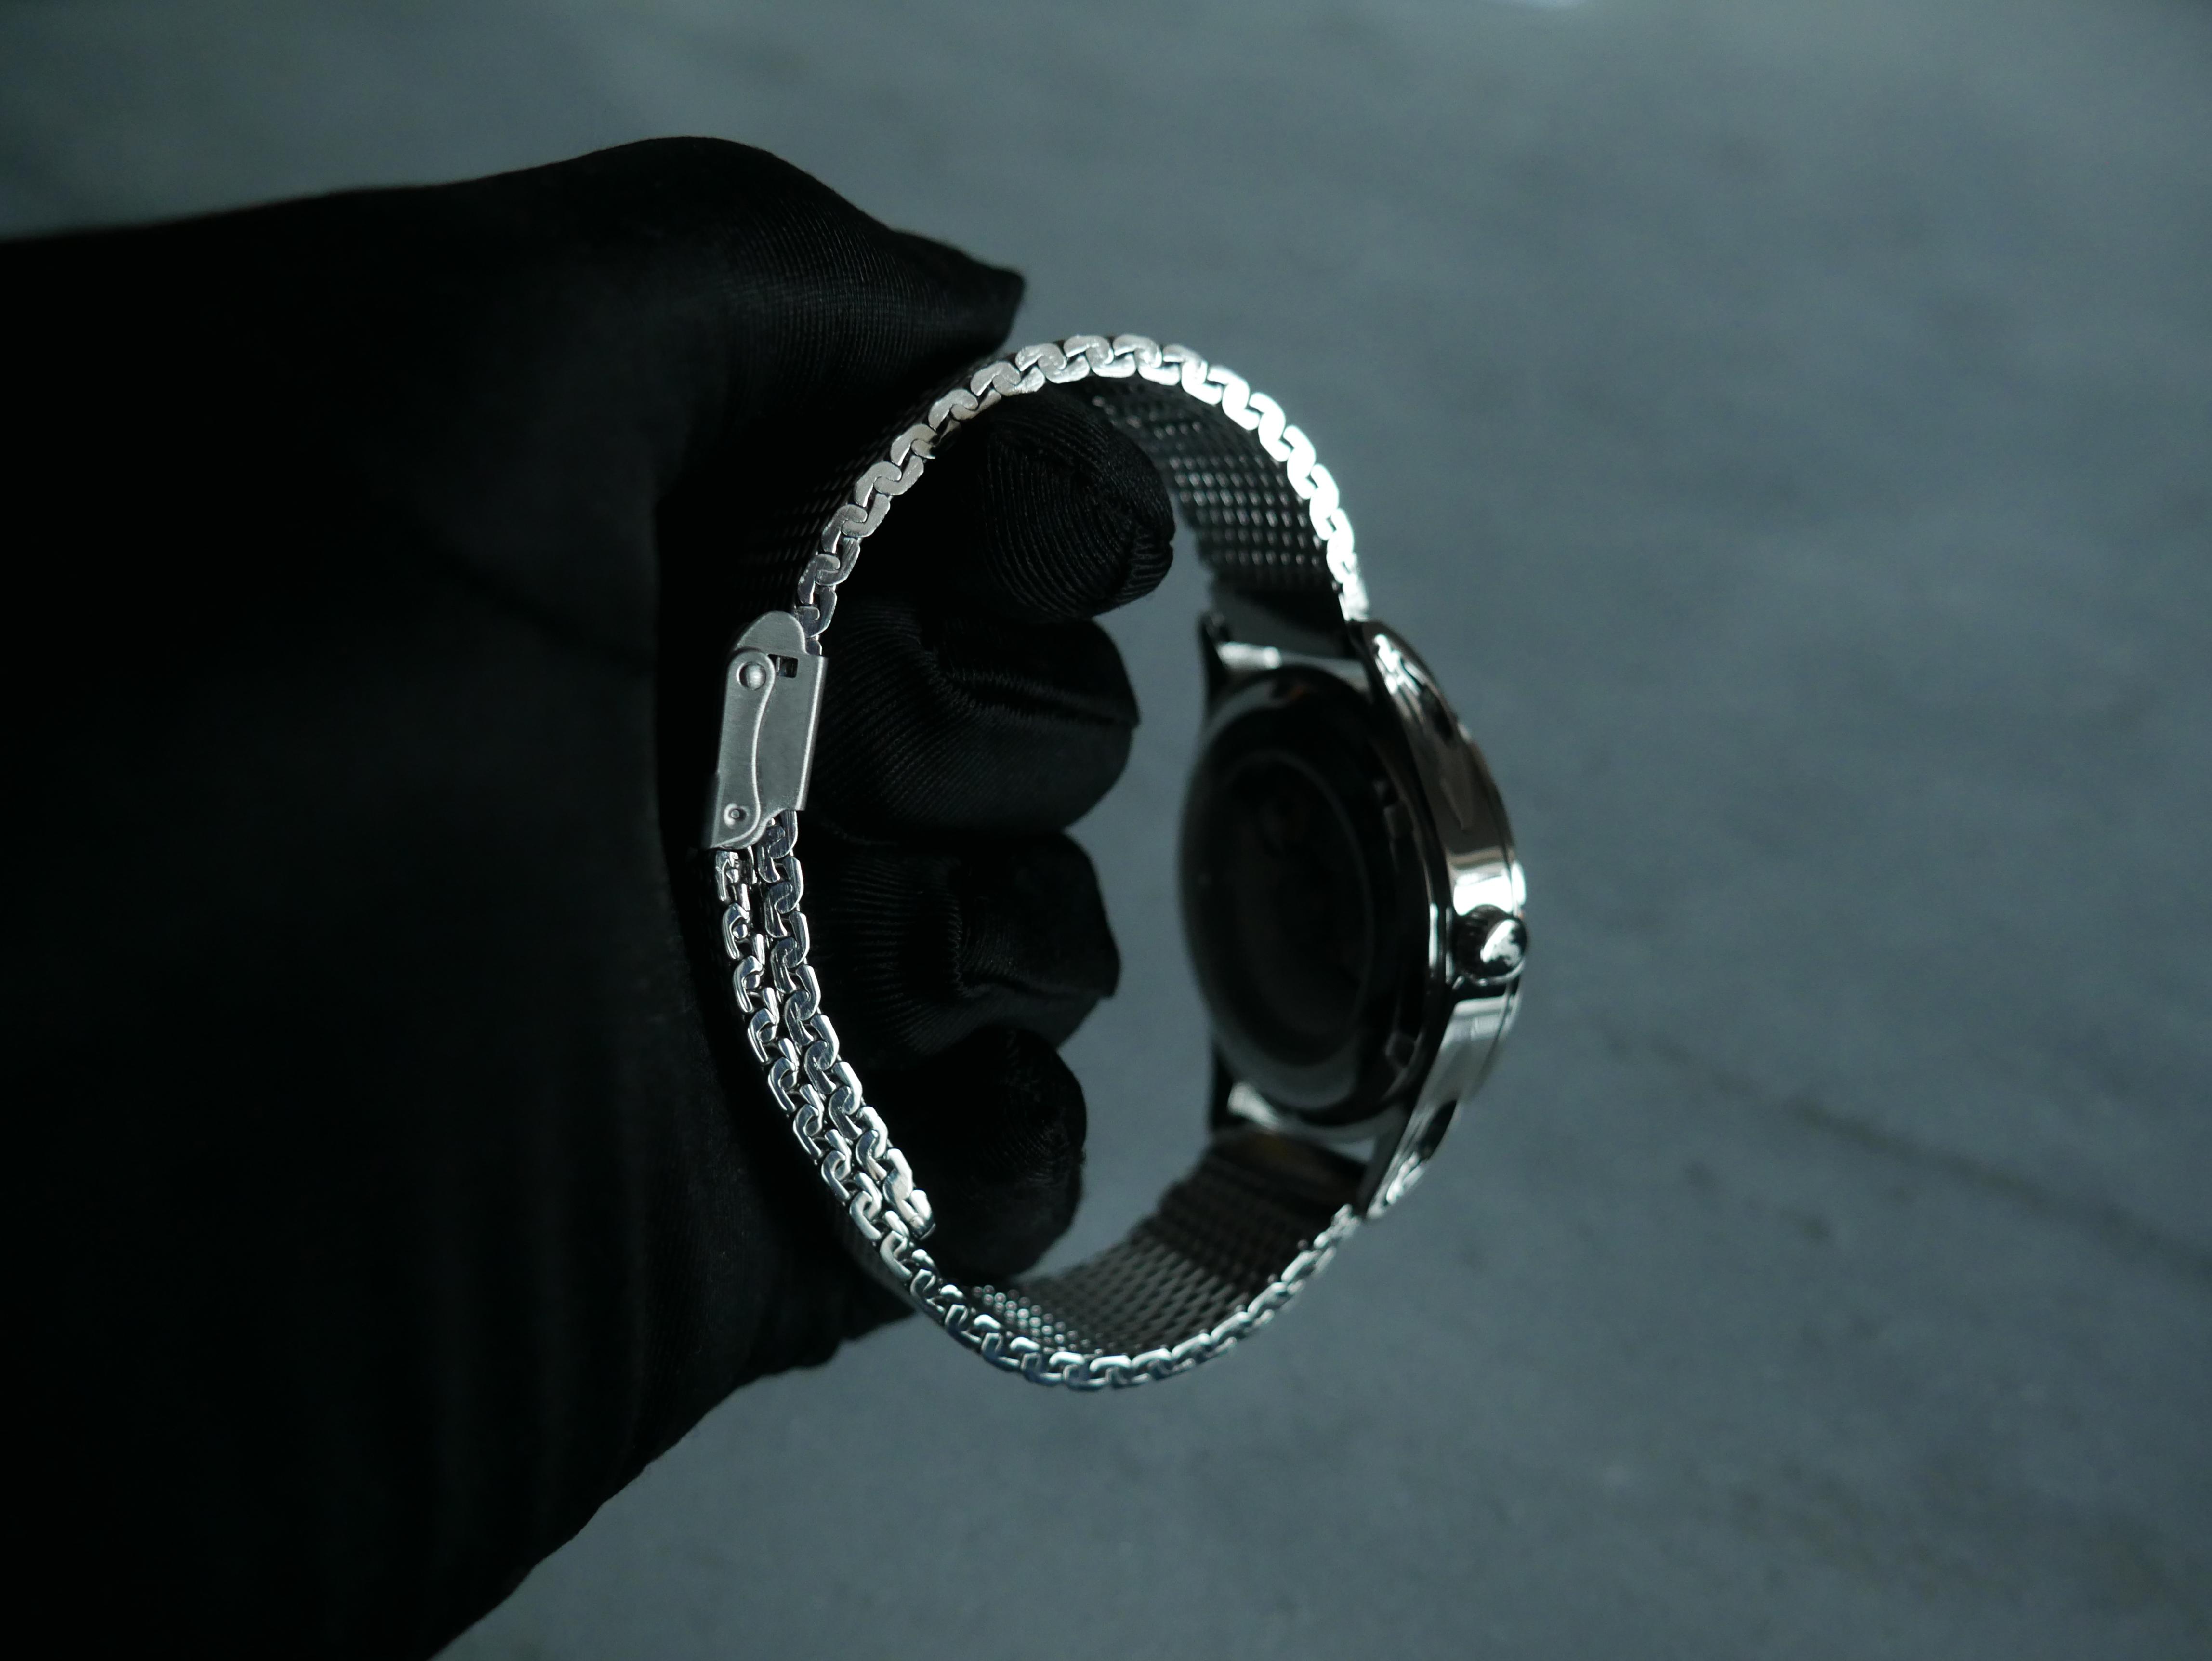 Lindskog Sweden klocka stainless steel svart handske